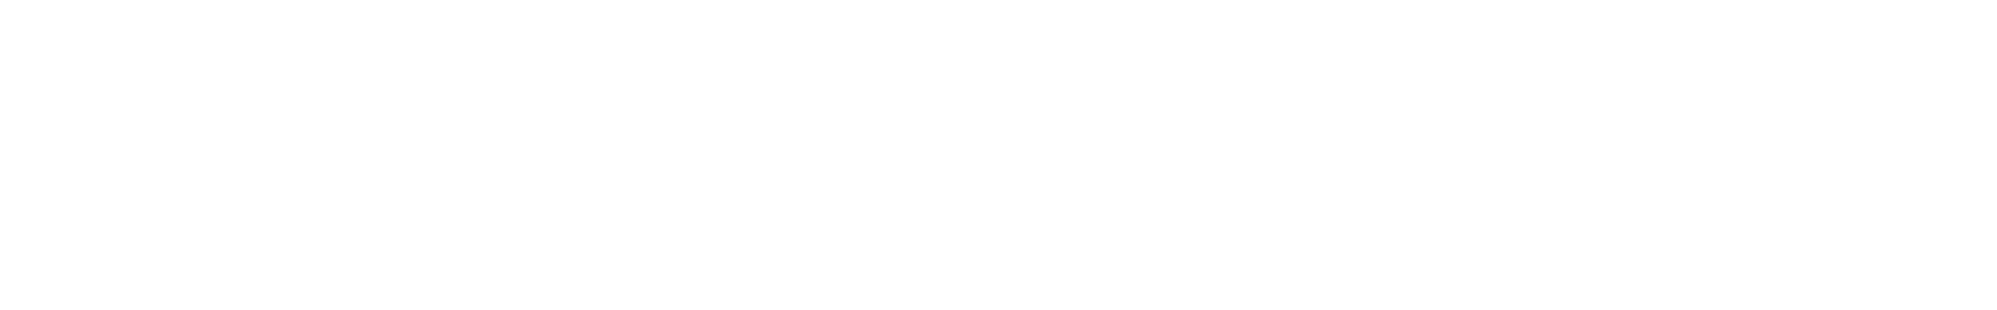 divider2-2